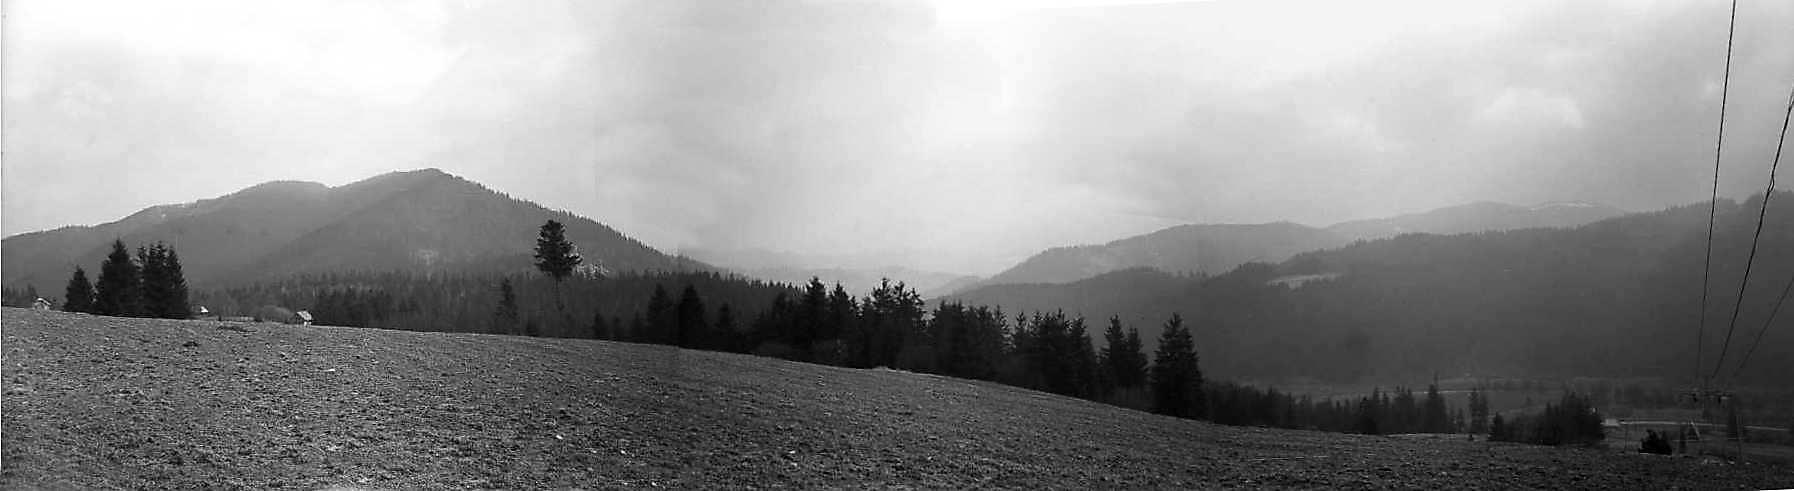 1979 р. Панорама гір